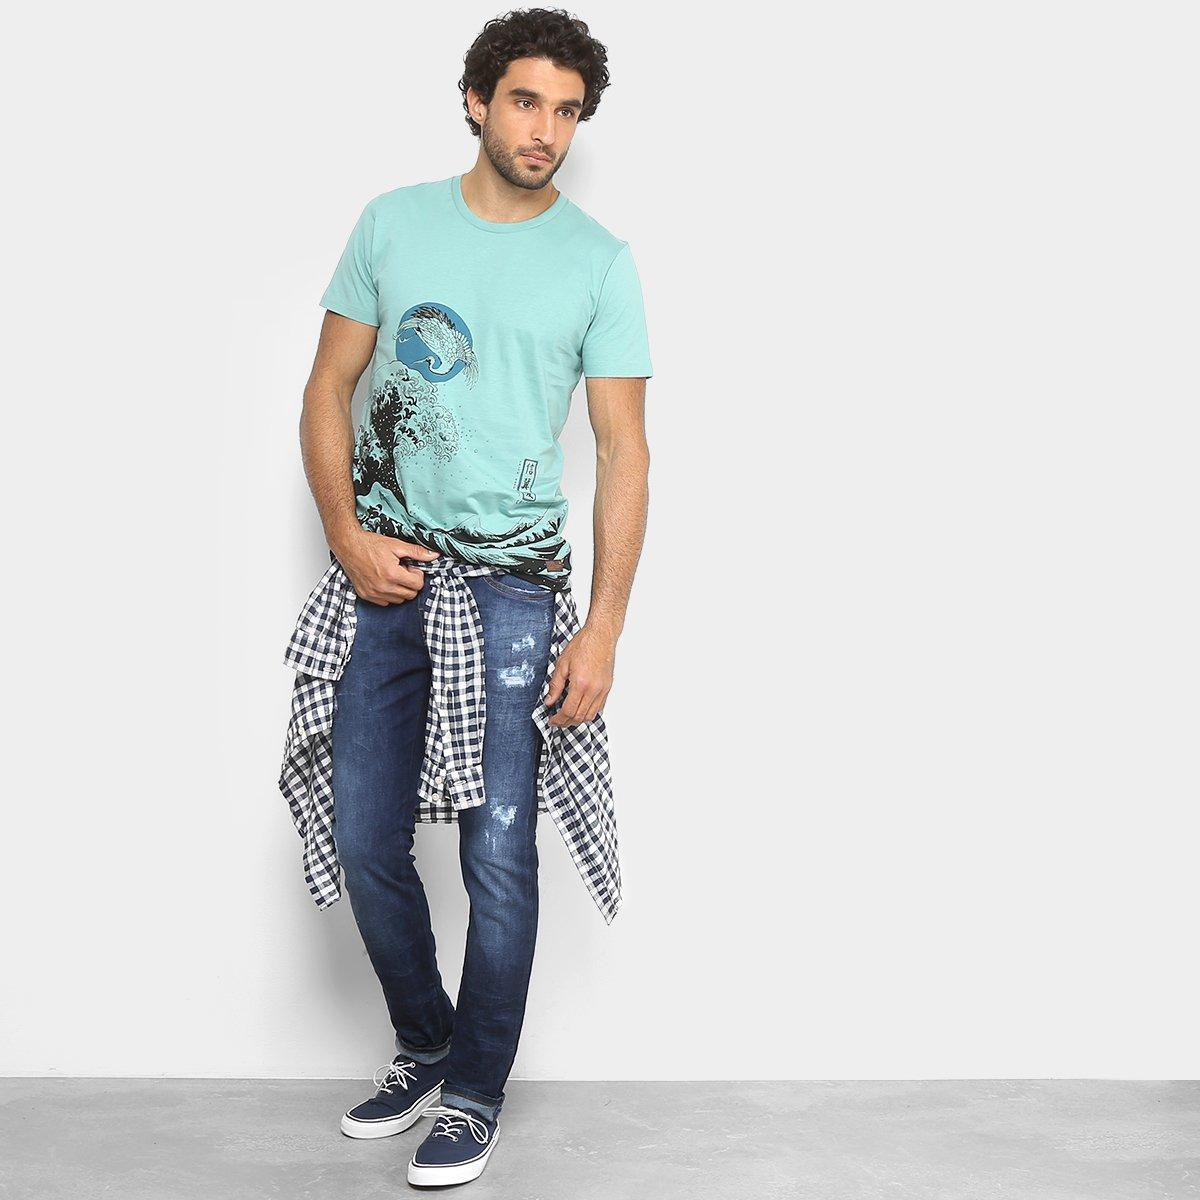 112ccc8af Calça Jeans Skinny Colcci Felipe Estonada Puídos Masculina | Livelo -Sua  Vida com Mais Recompensas